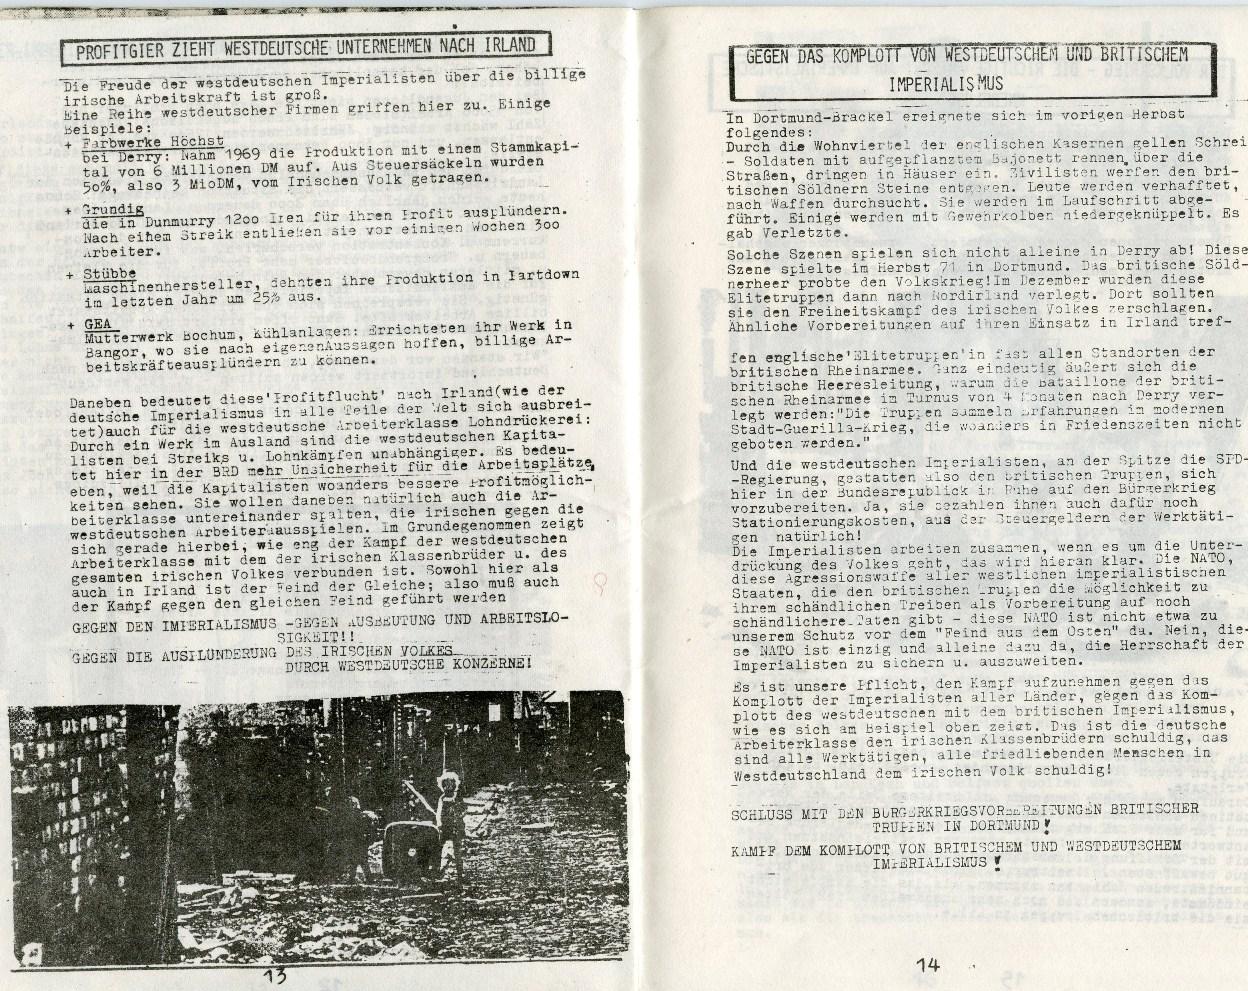 KJVD_Irlandbroschuere_1972_09